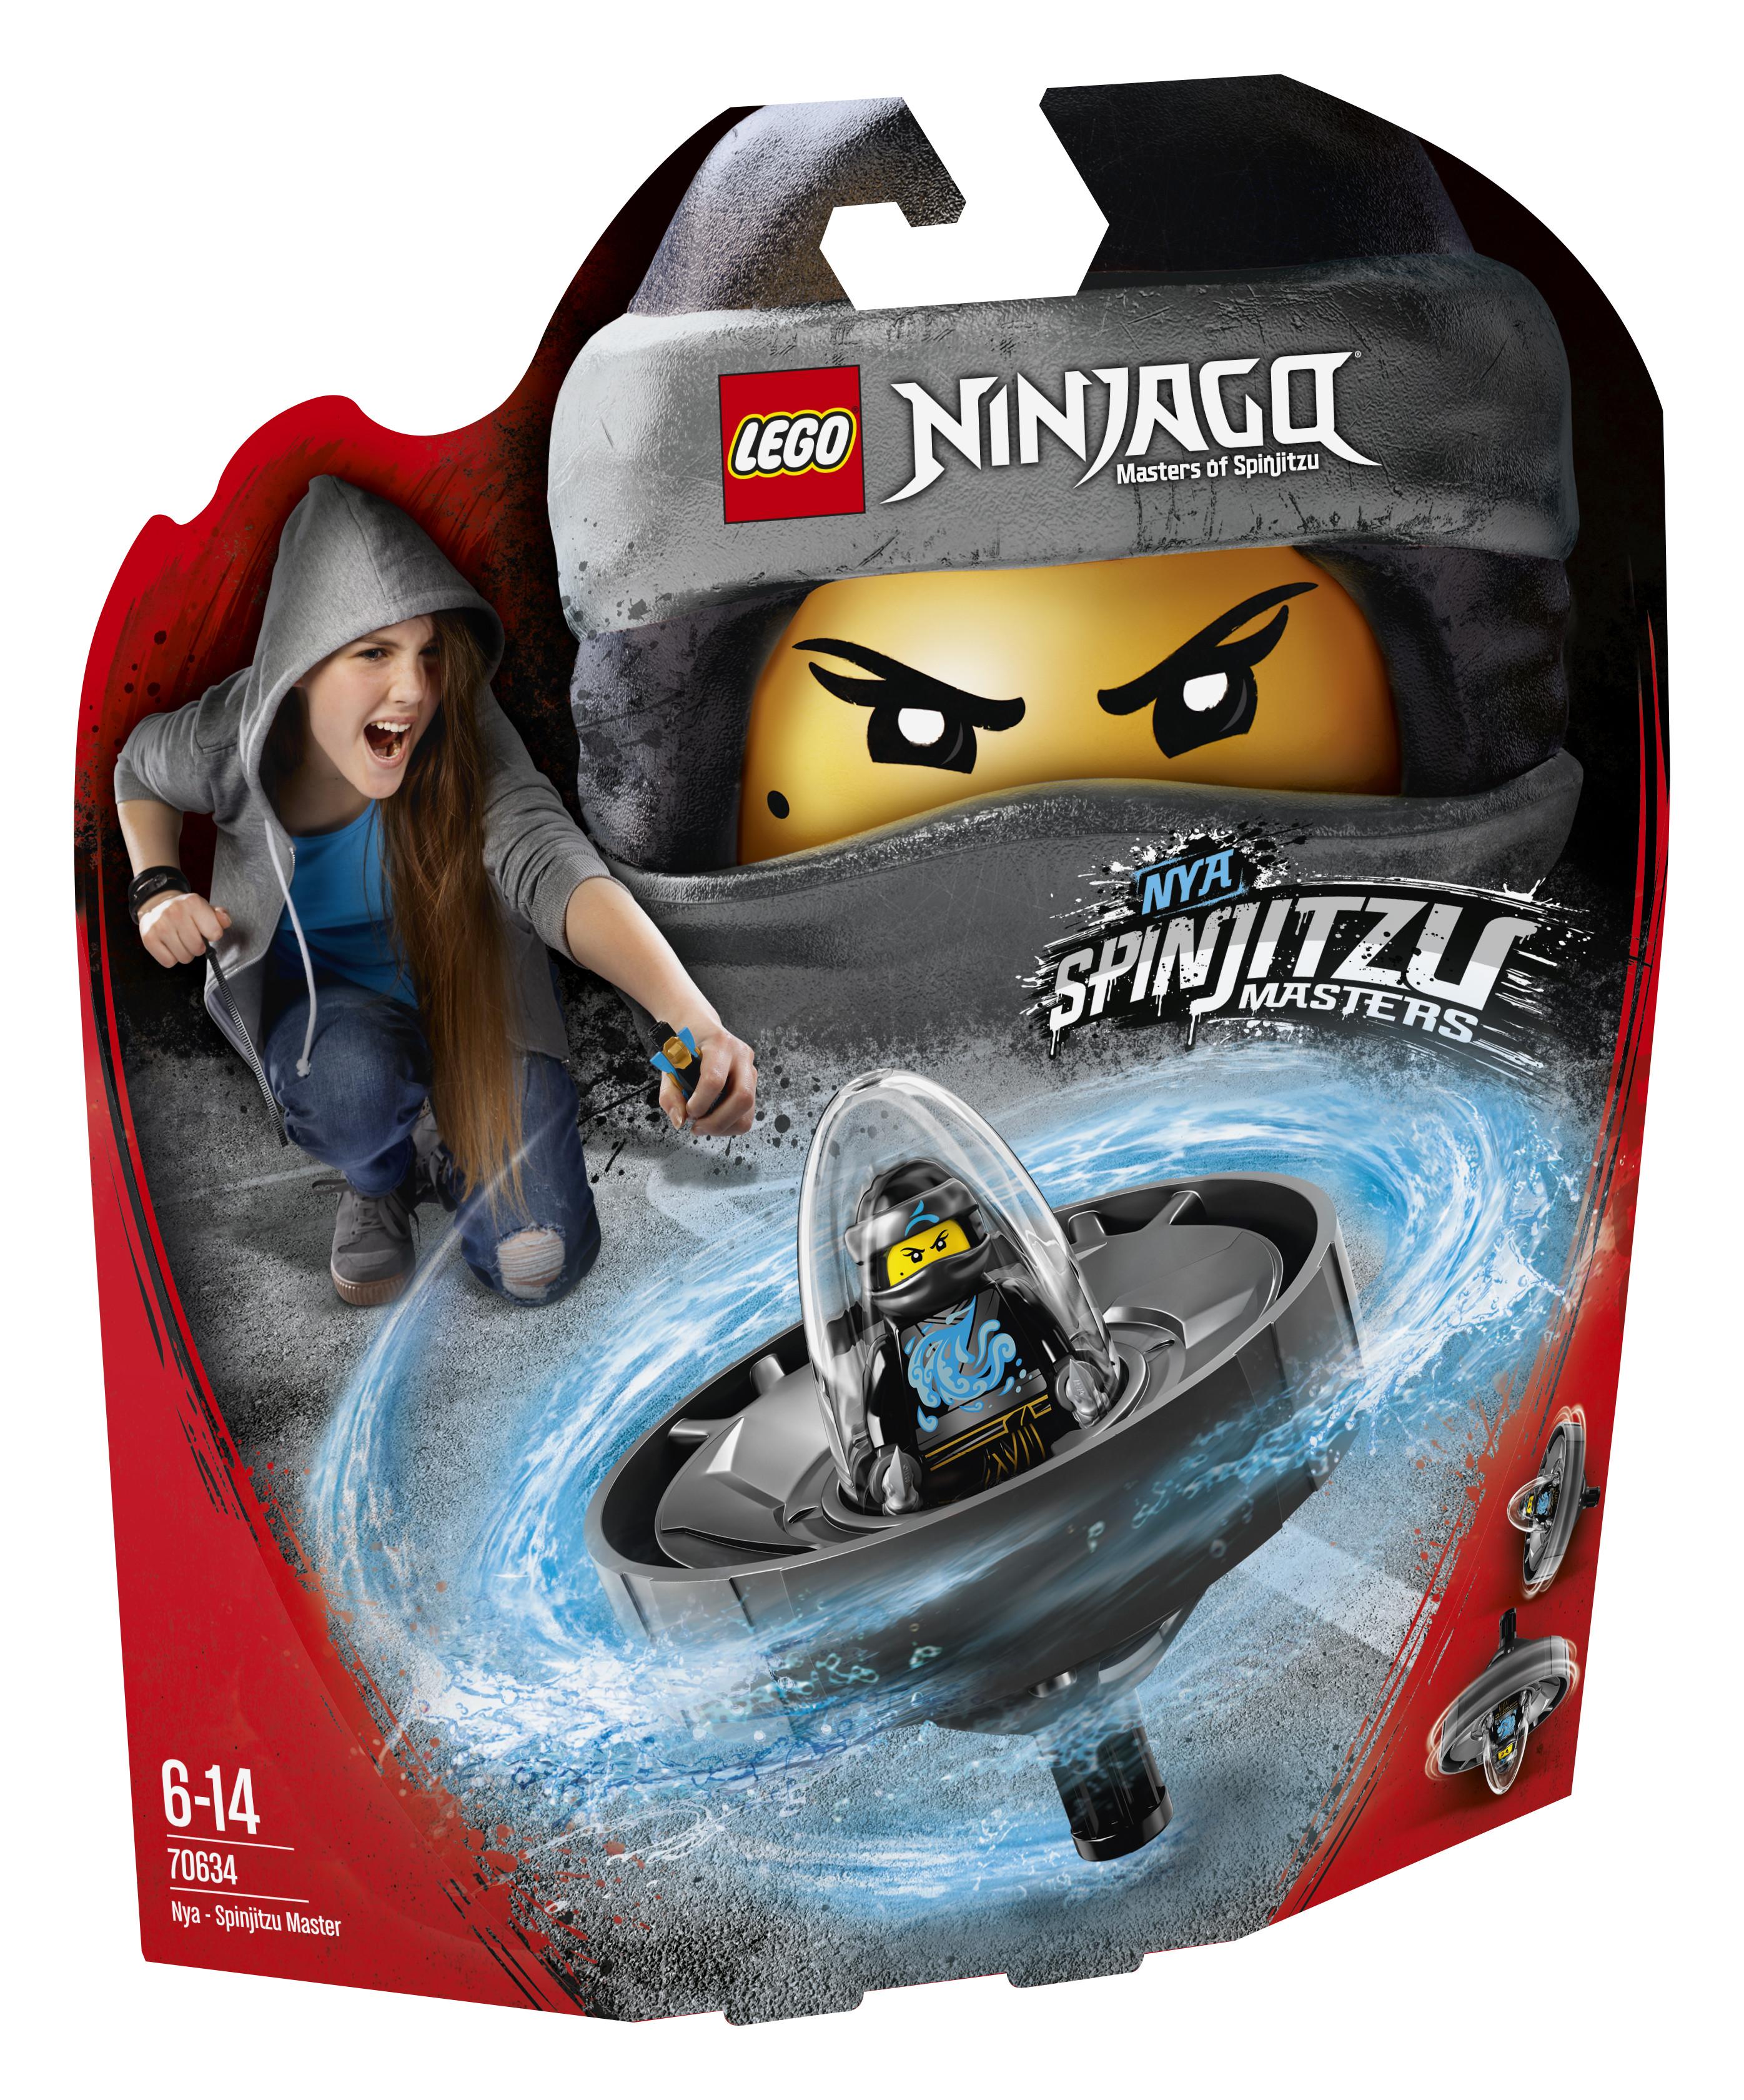 Конструктор LEGO Ninjago 70634 Ния-Мастер Кружитцу цена